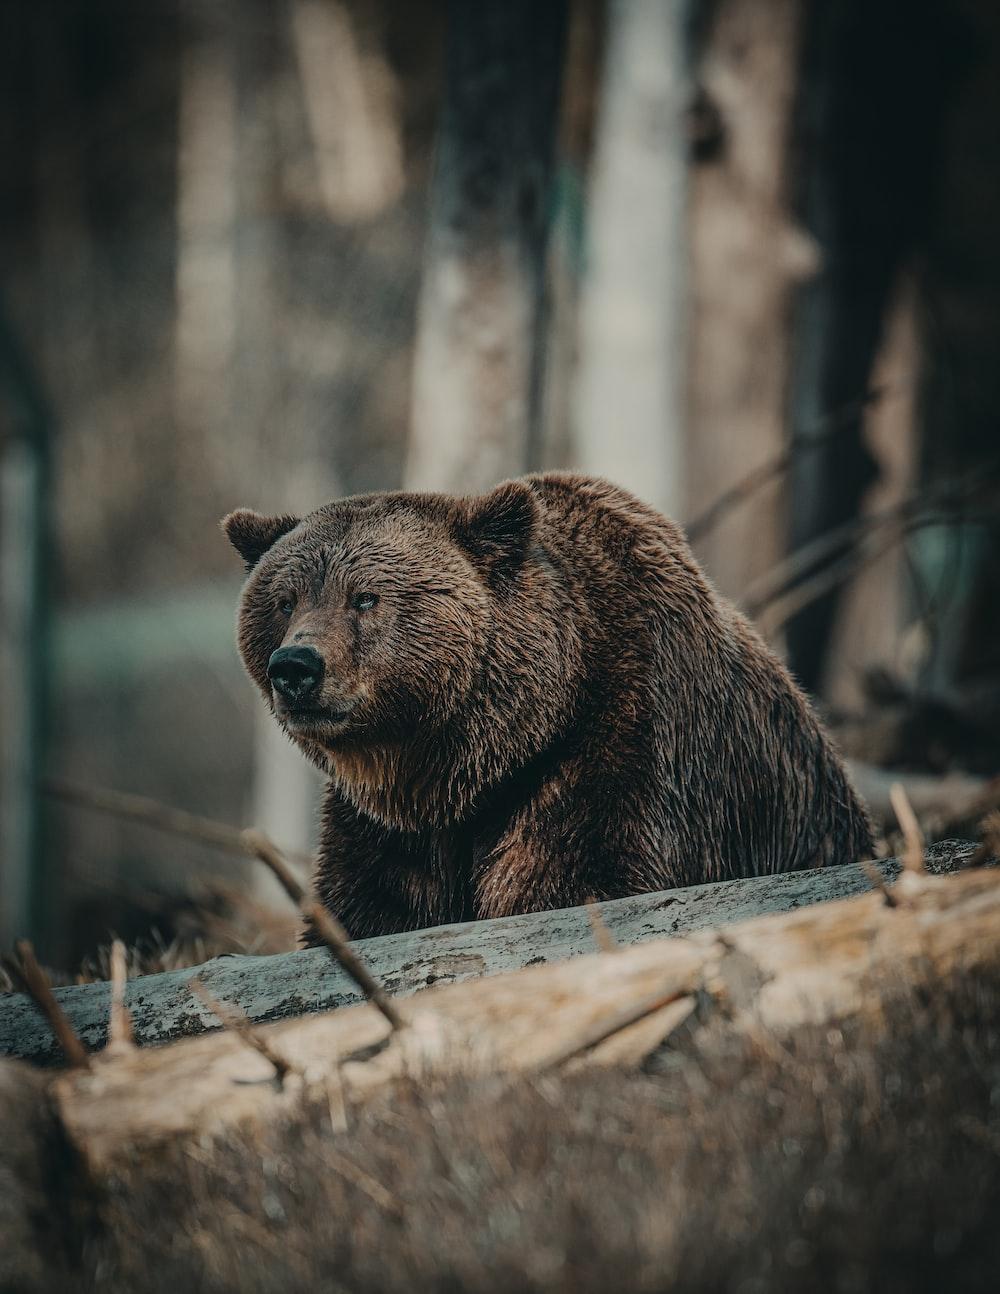 brown bear on brown wooden log during daytime